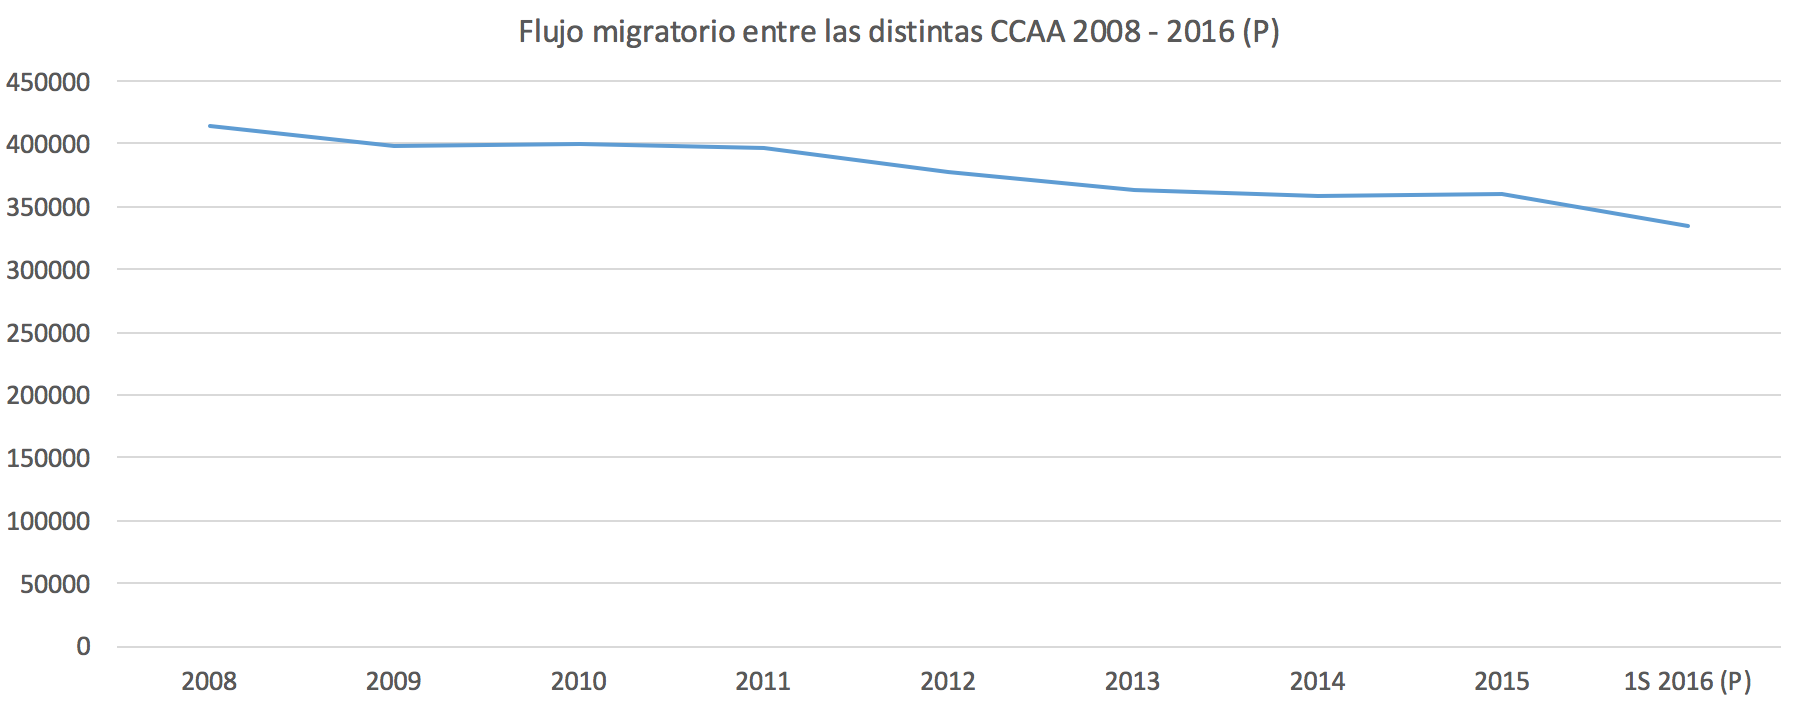 Flujos-migratorios-CCAA-Espana.png